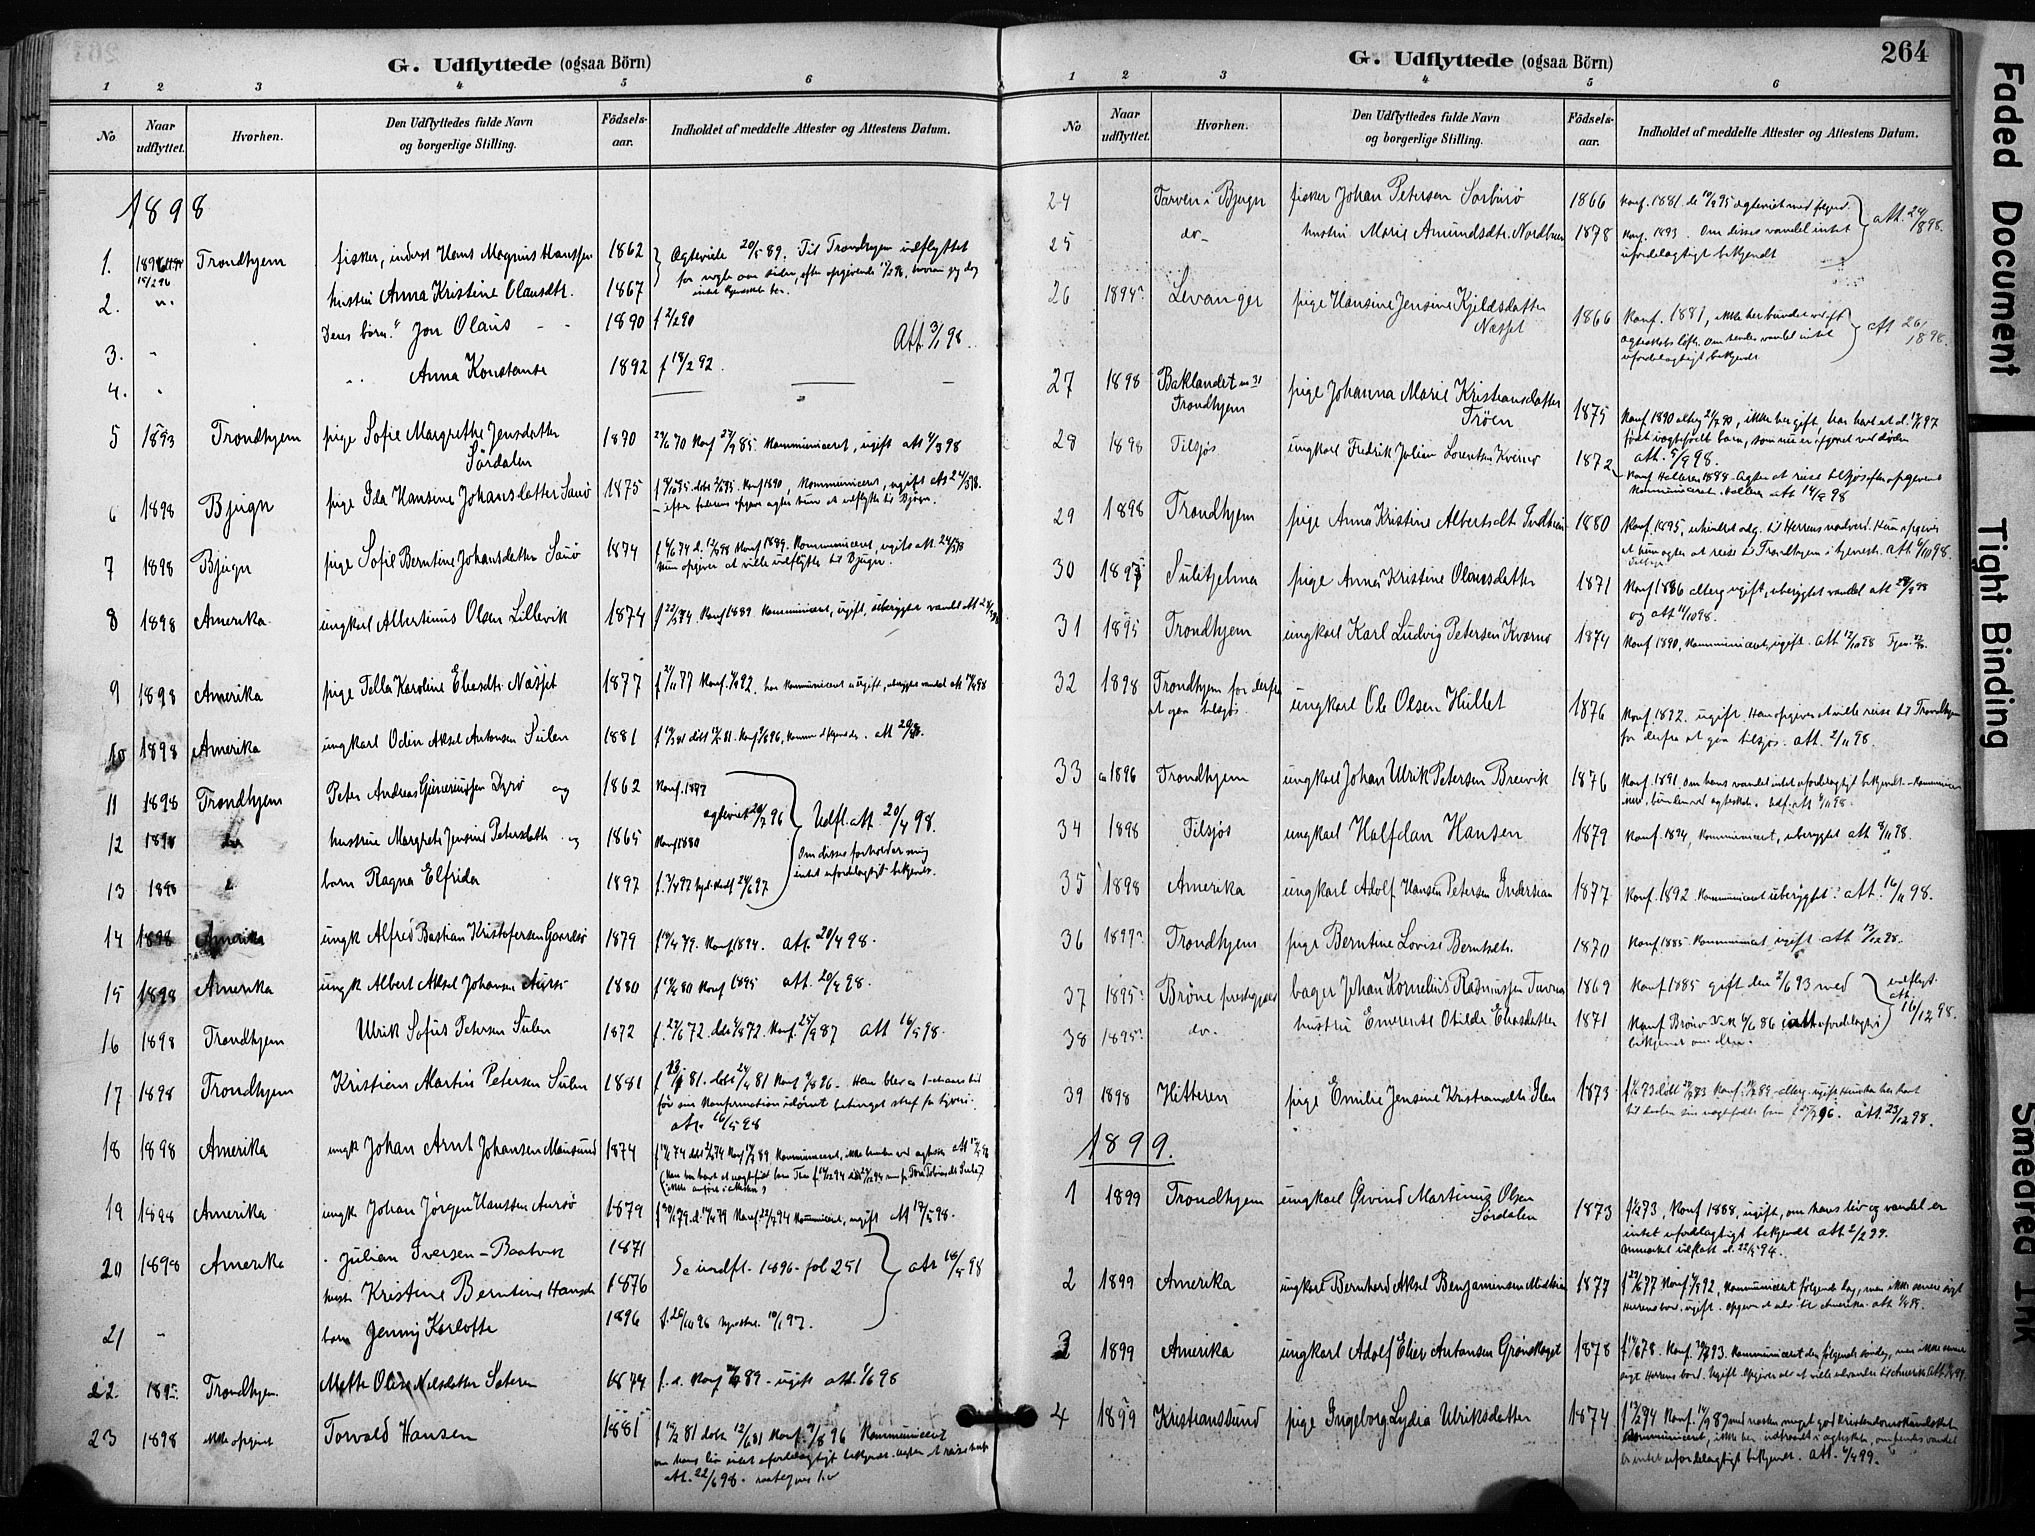 SAT, Ministerialprotokoller, klokkerbøker og fødselsregistre - Sør-Trøndelag, 640/L0579: Ministerialbok nr. 640A04, 1889-1902, s. 264